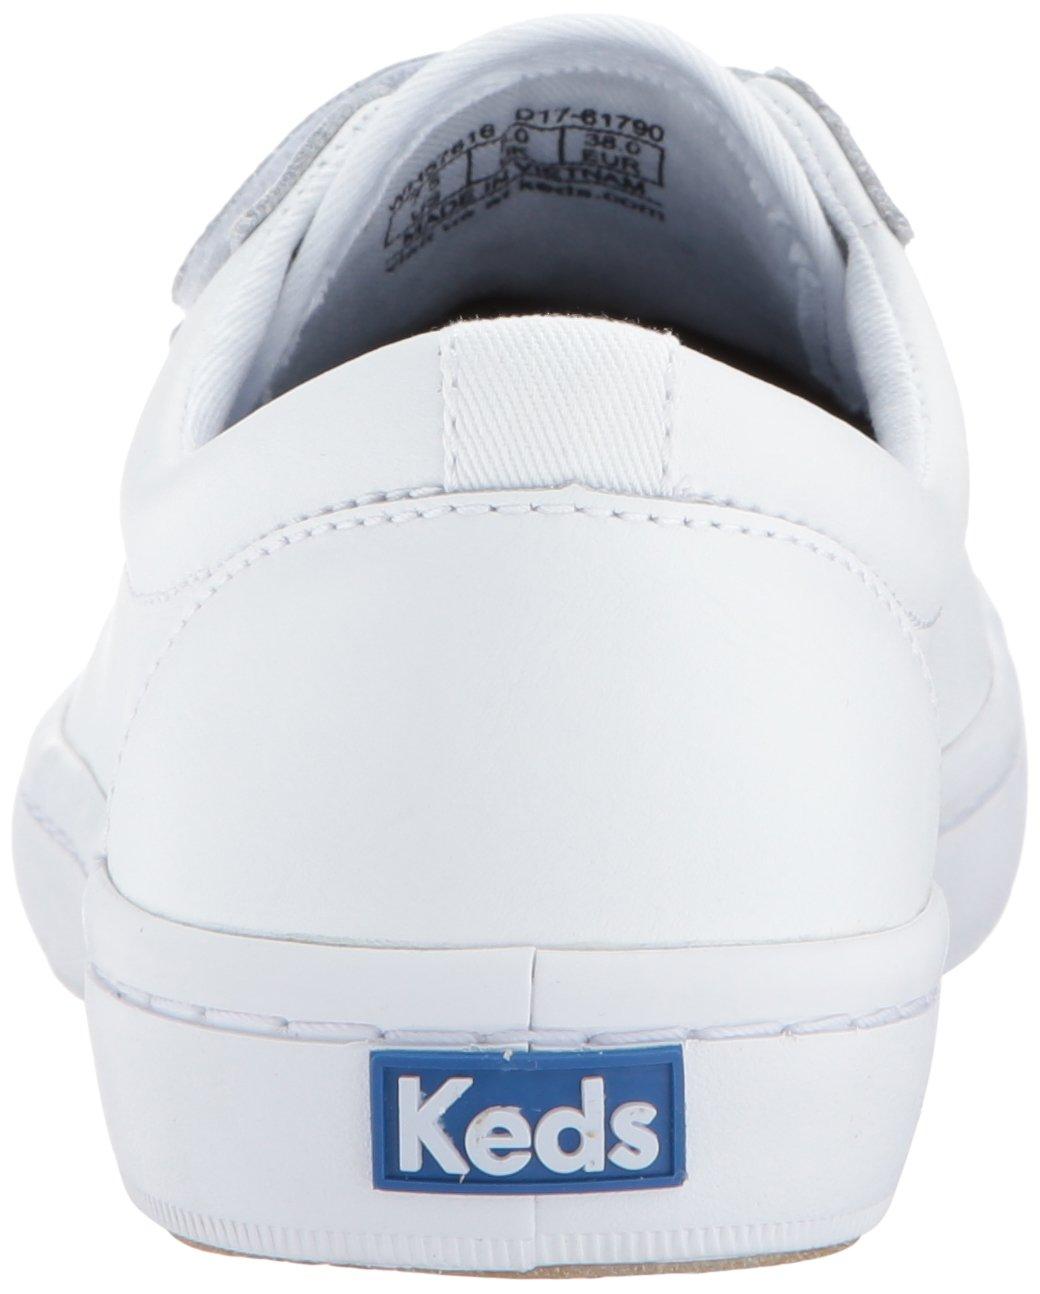 Keds Women's B01N9TJPE0 Tiebreak Leather Fashion Sneaker B01N9TJPE0 Women's 11 B(M) US|White d49fe2